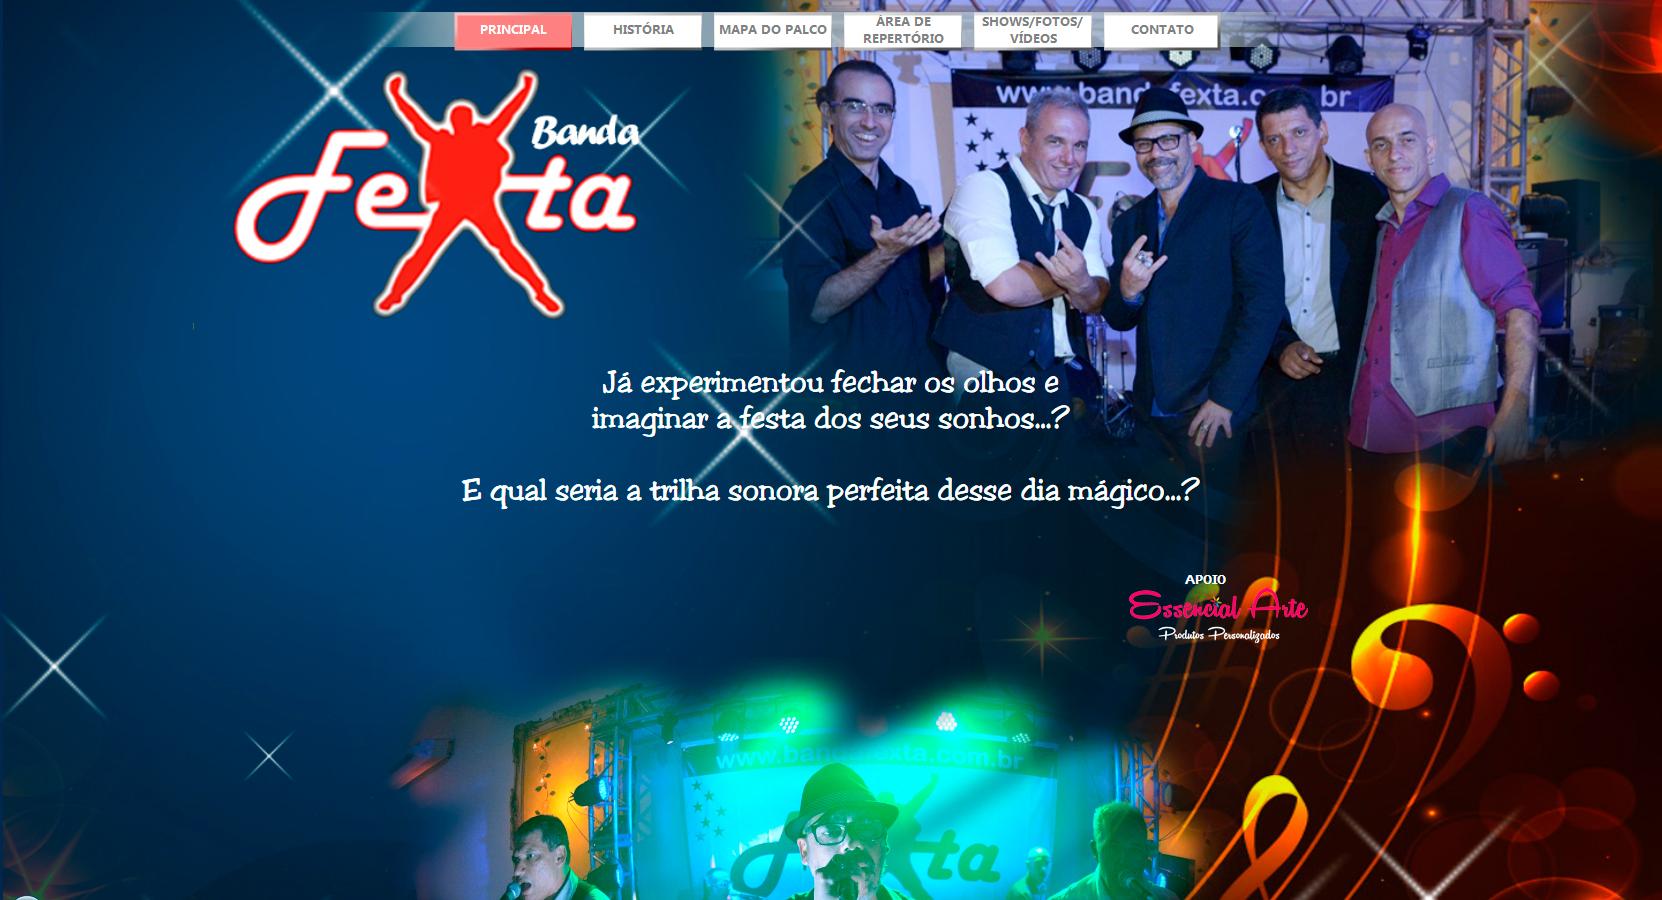 Banda Fexta